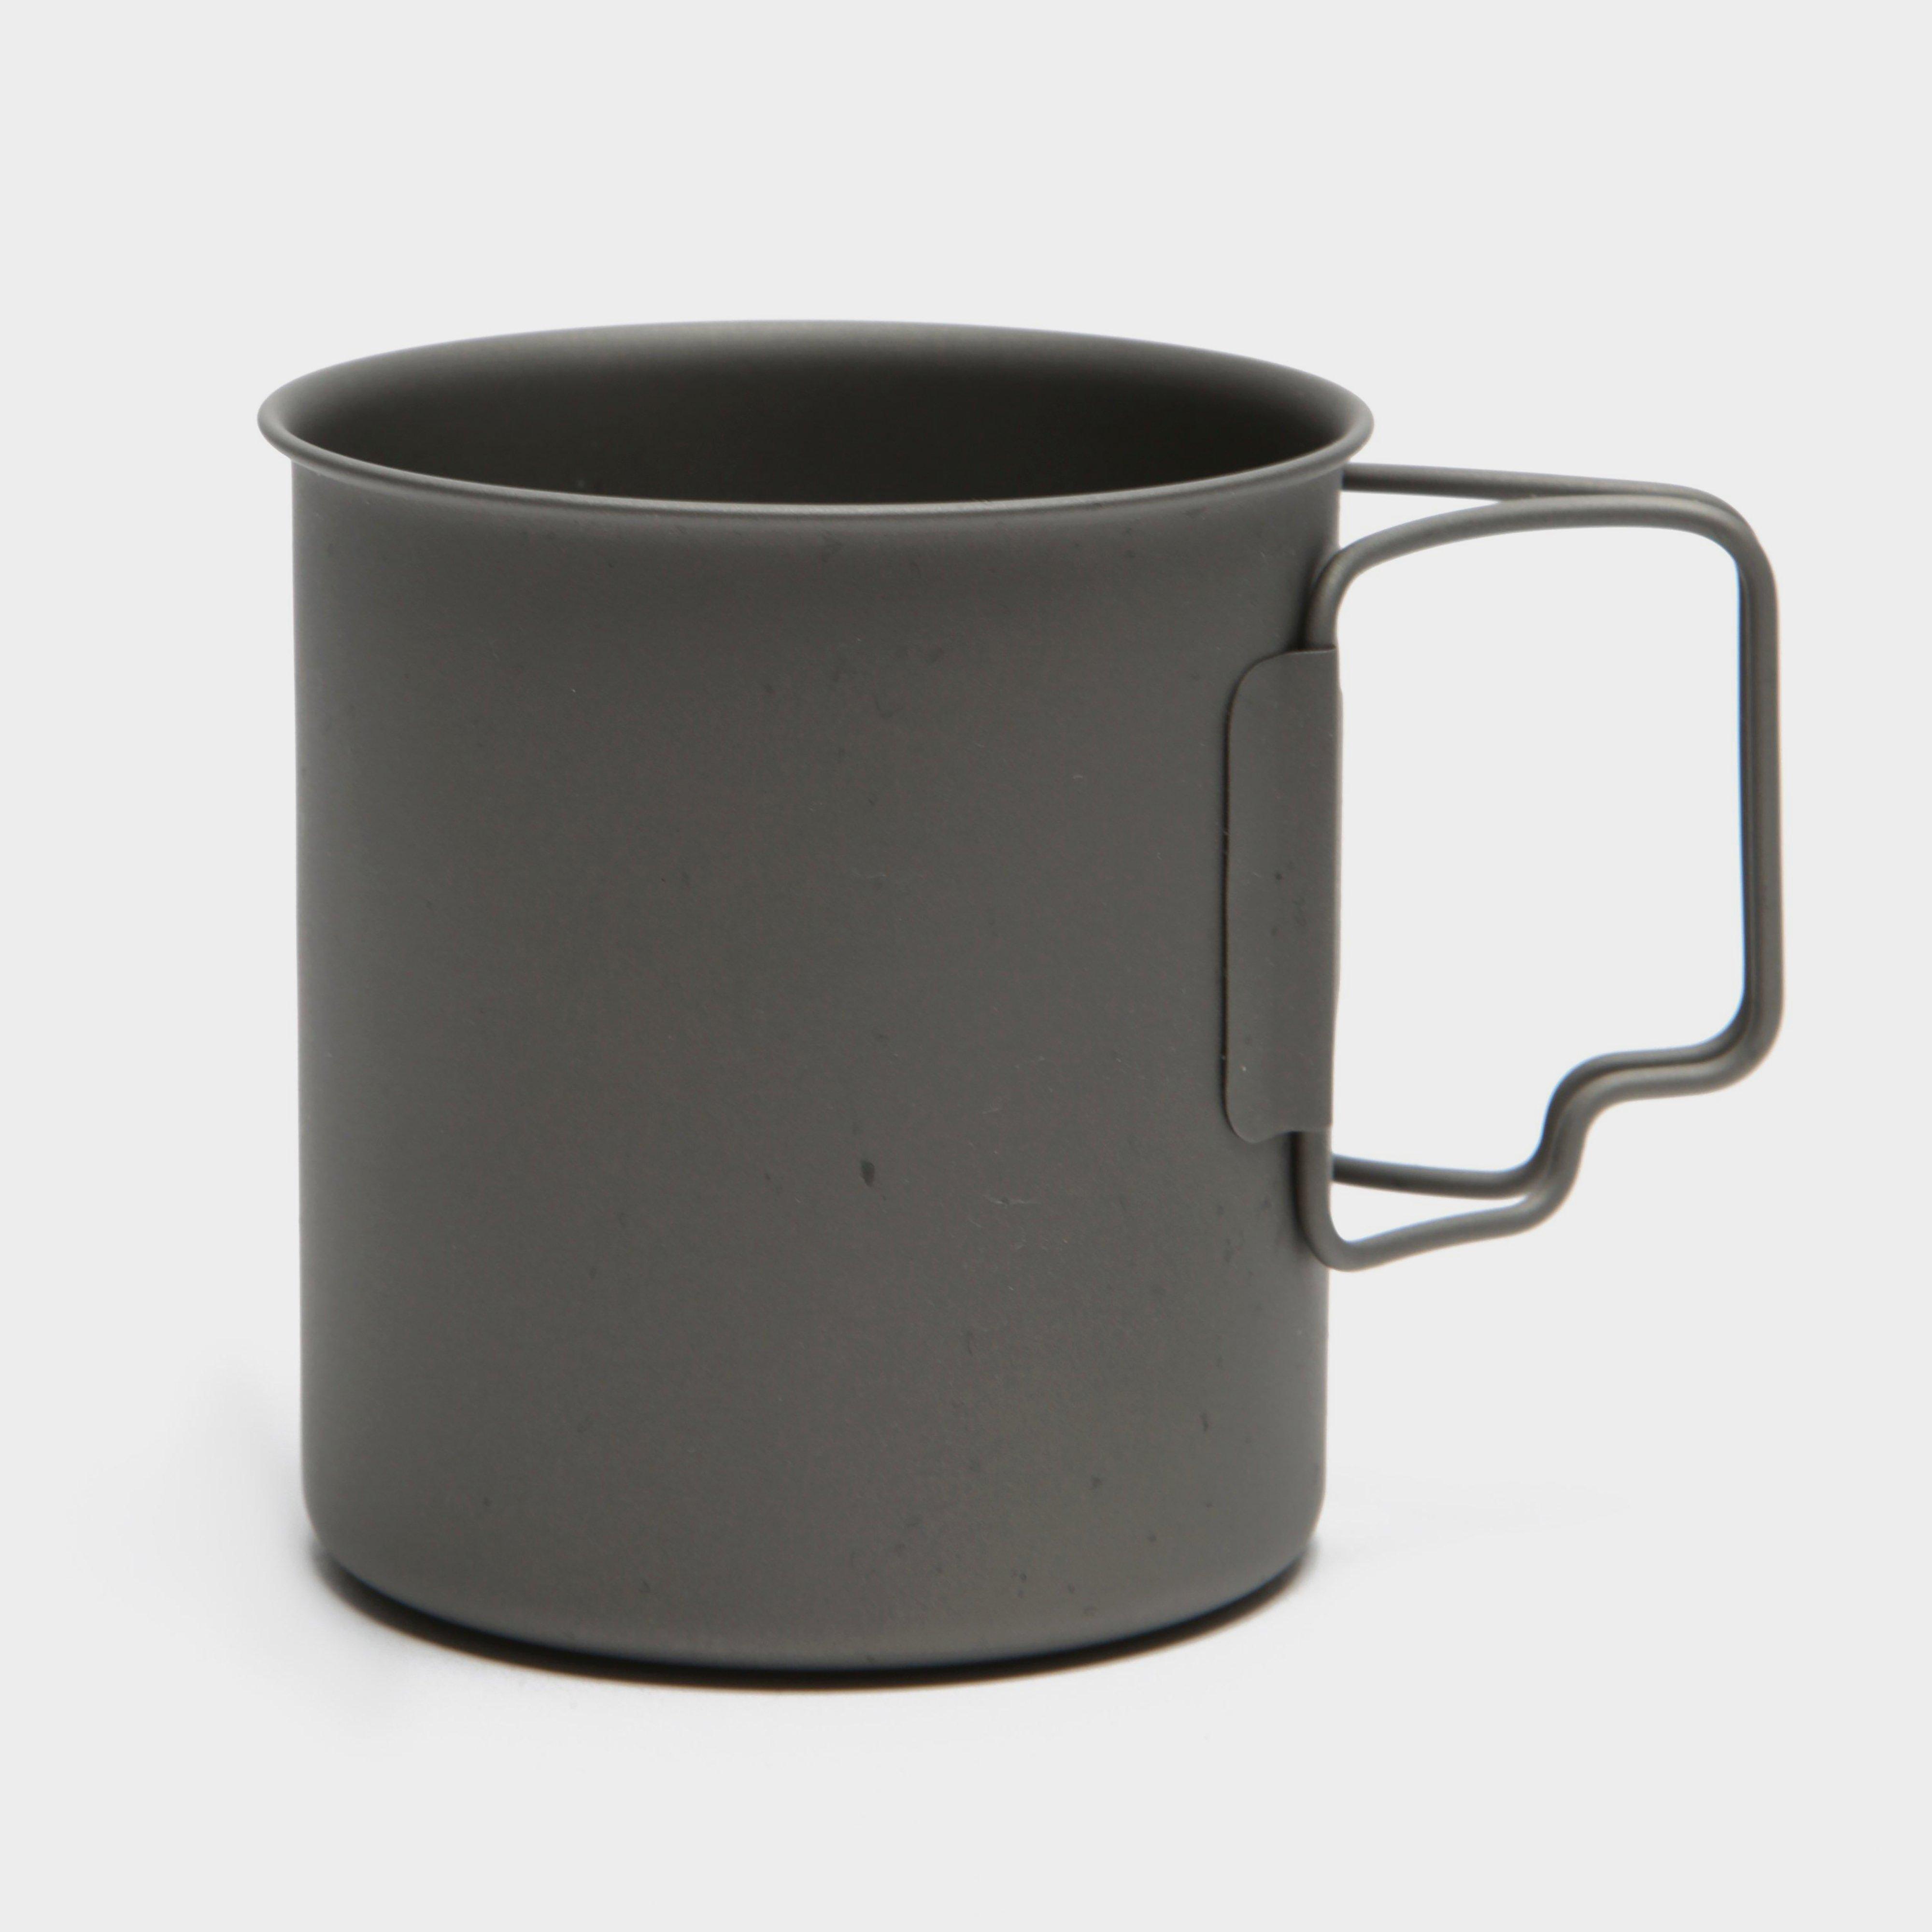 Lifeventure Lifeventure Titanium Mug - Black, Black